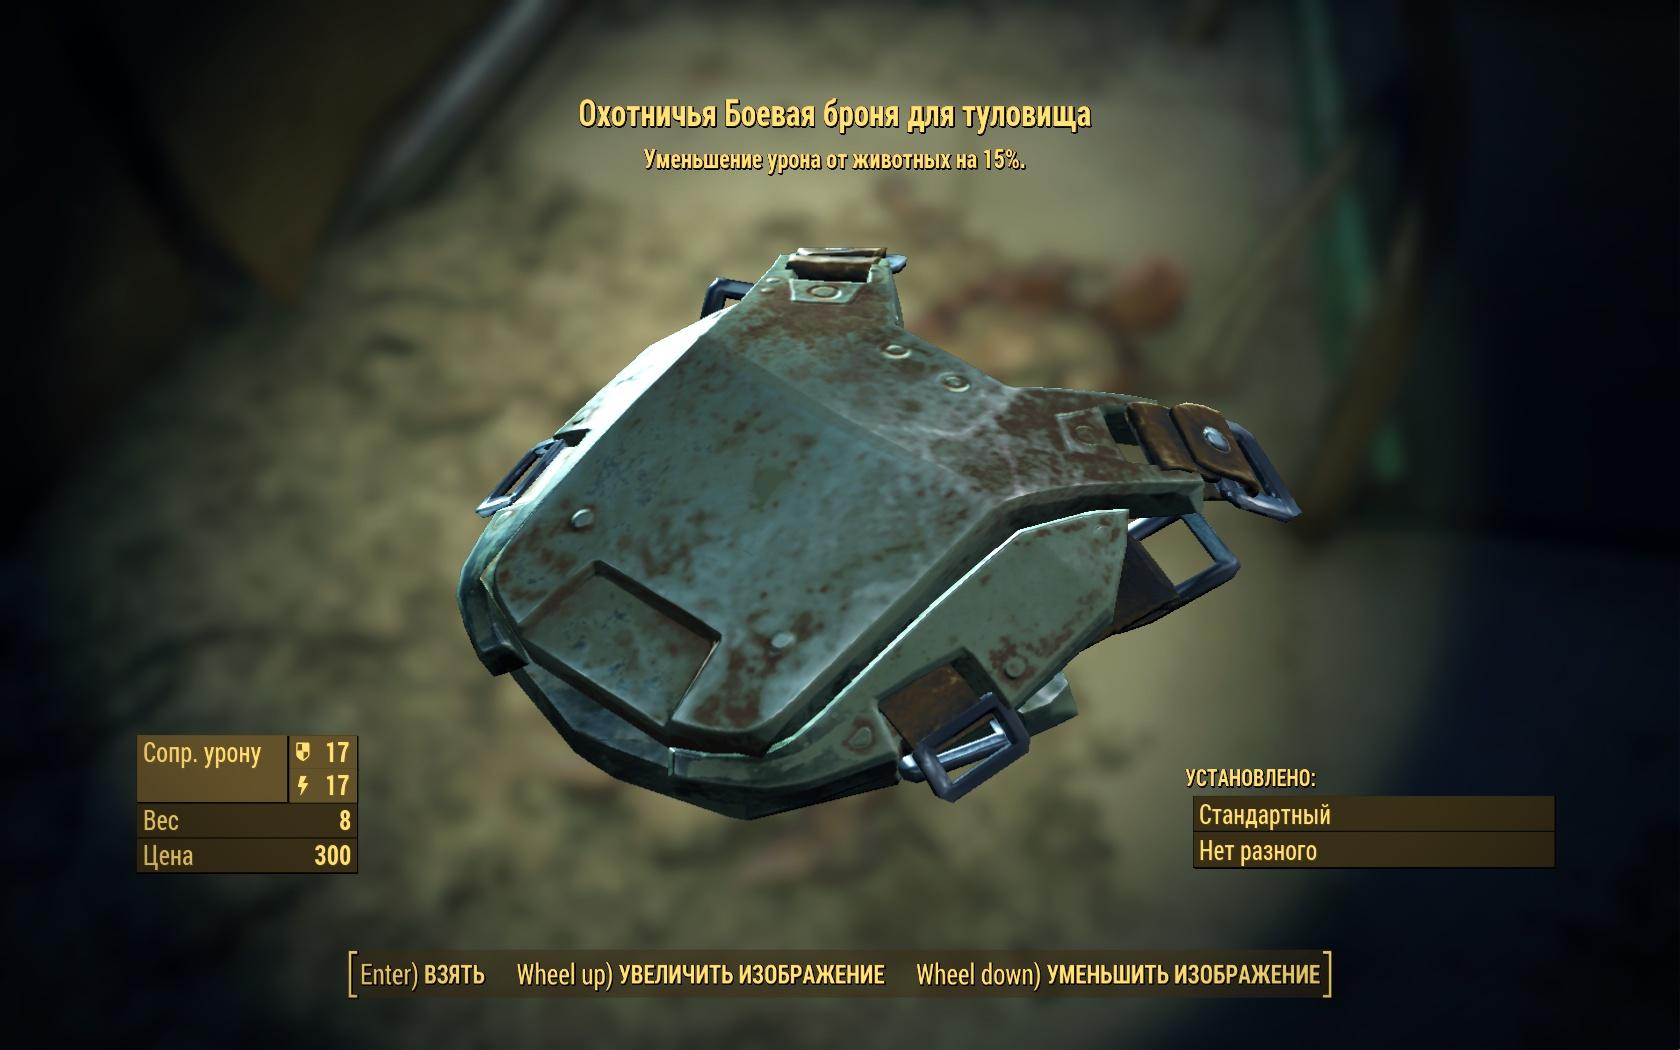 Охотничья боевая броня для туловища - Fallout 4 броня, Одежда, Охотничья